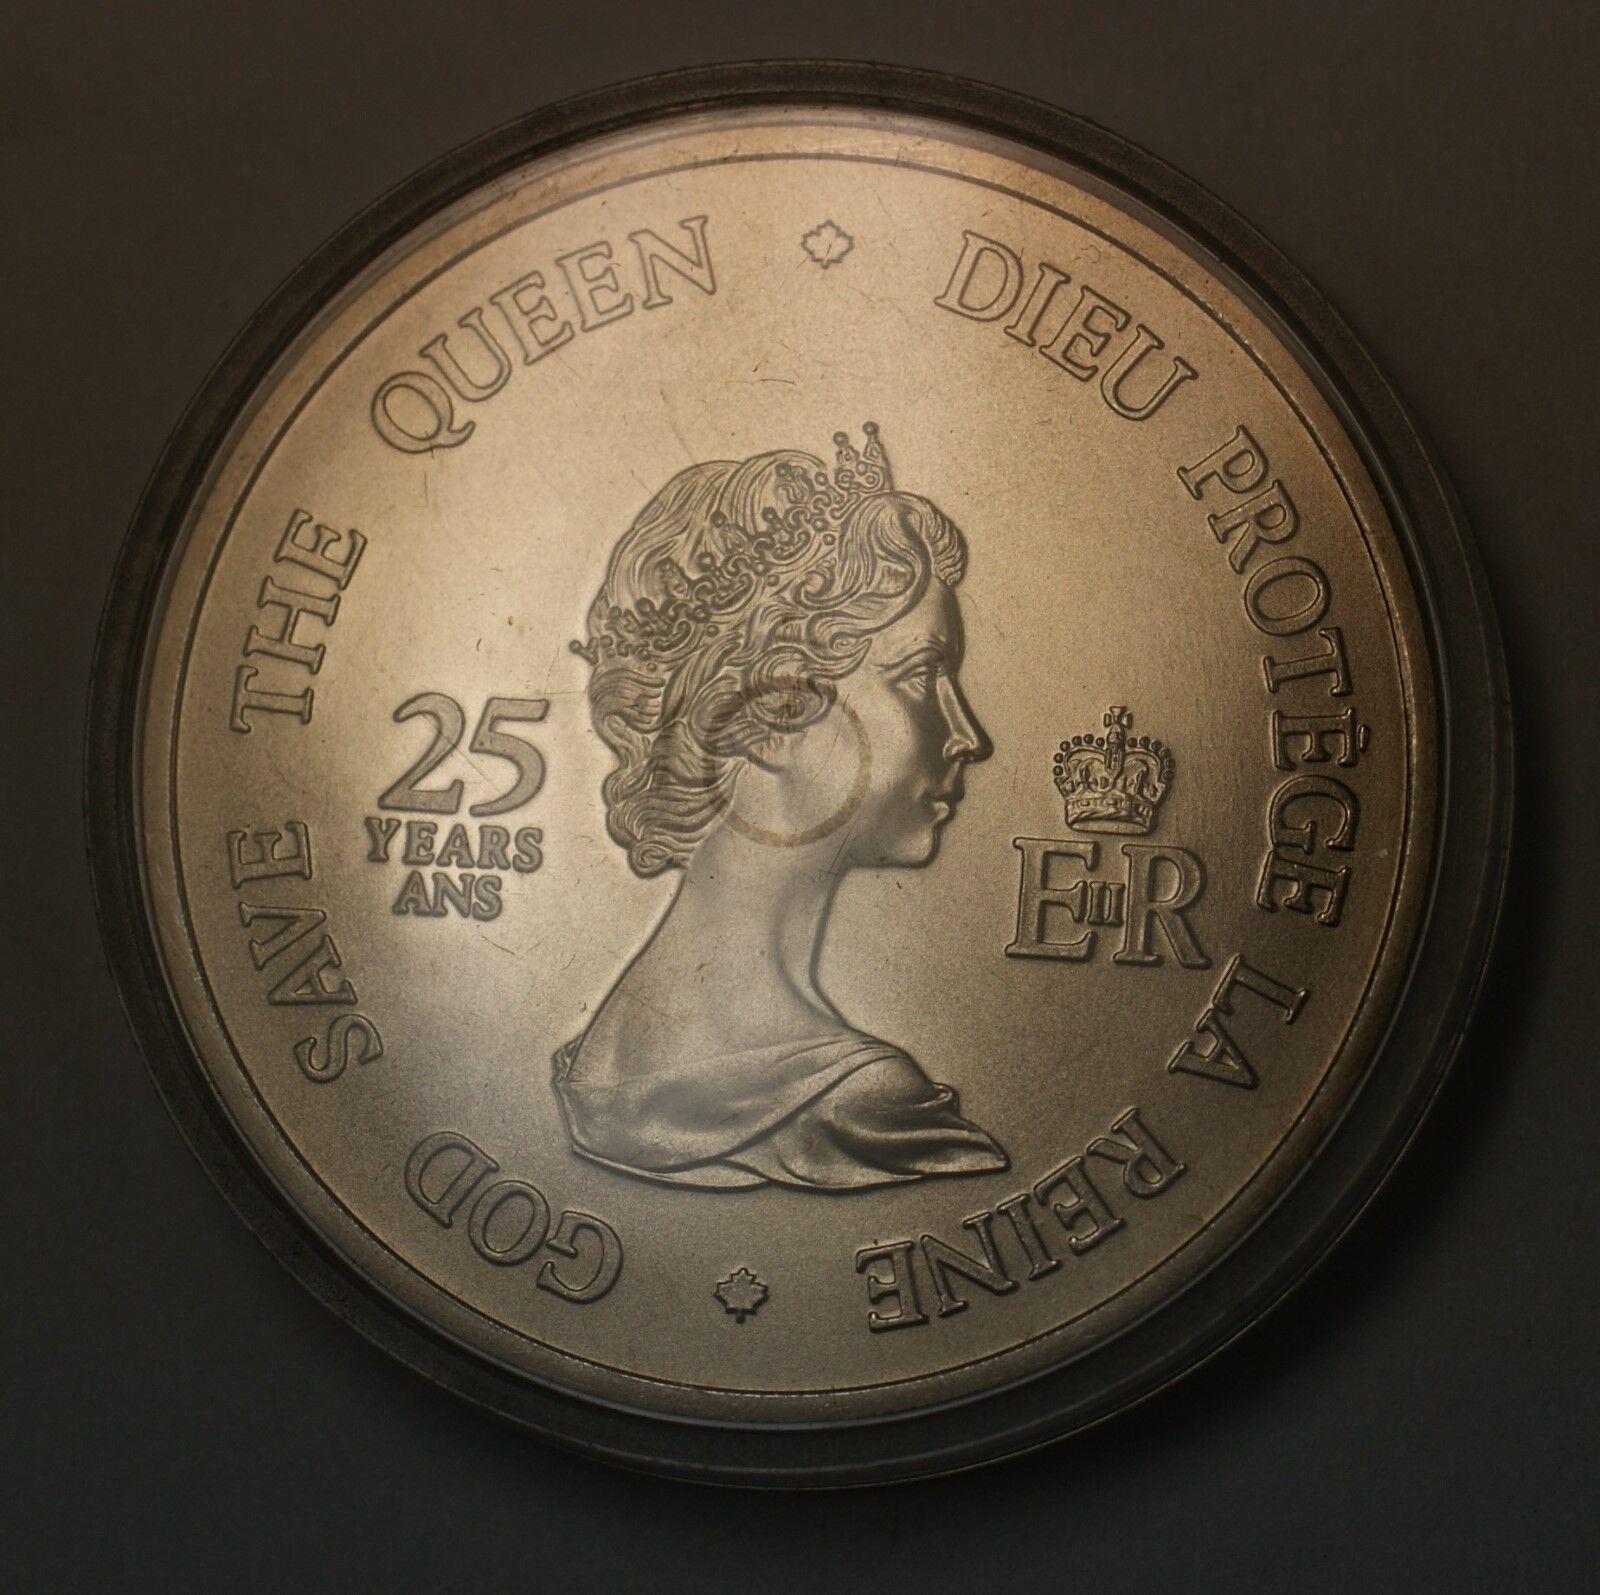 Canada 1977 SILVER Dollar .500 Fine